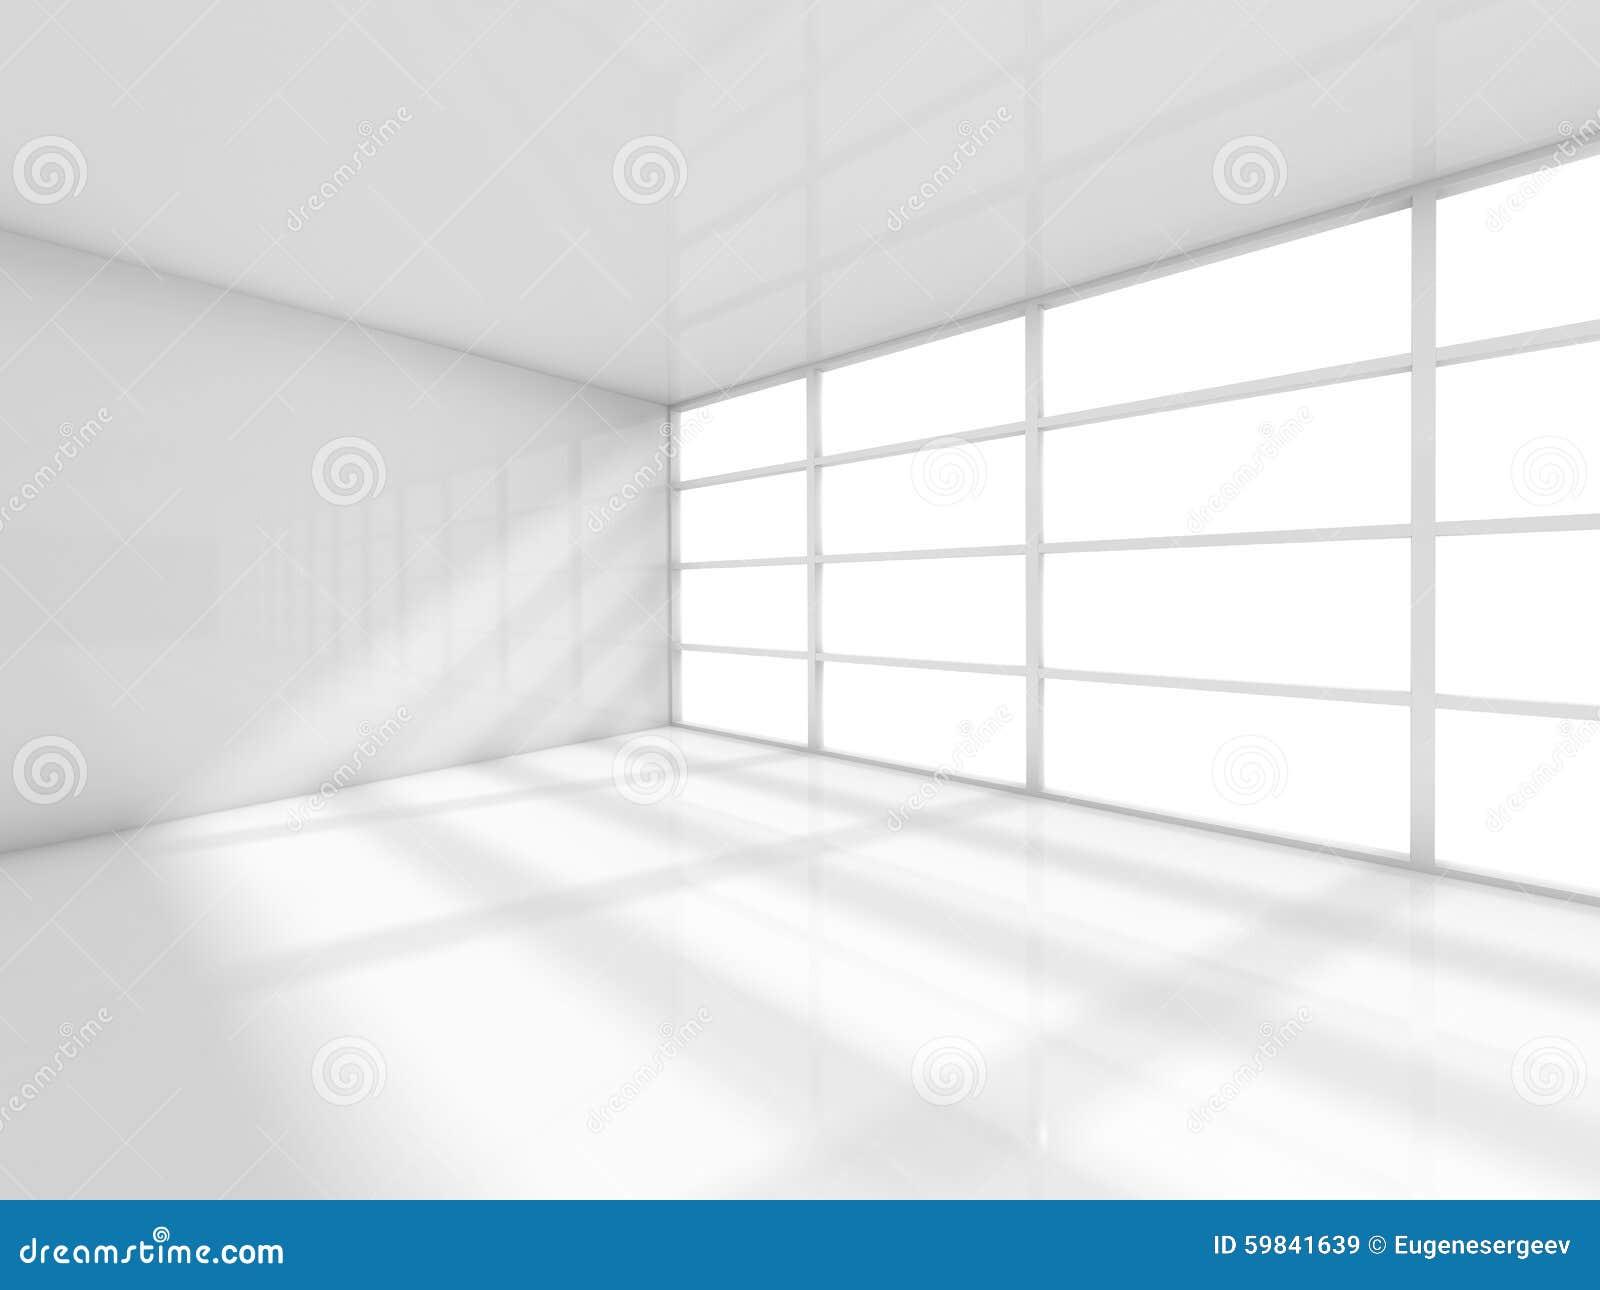 Salle intérieure et vide blanche abstraite 3d de bureau